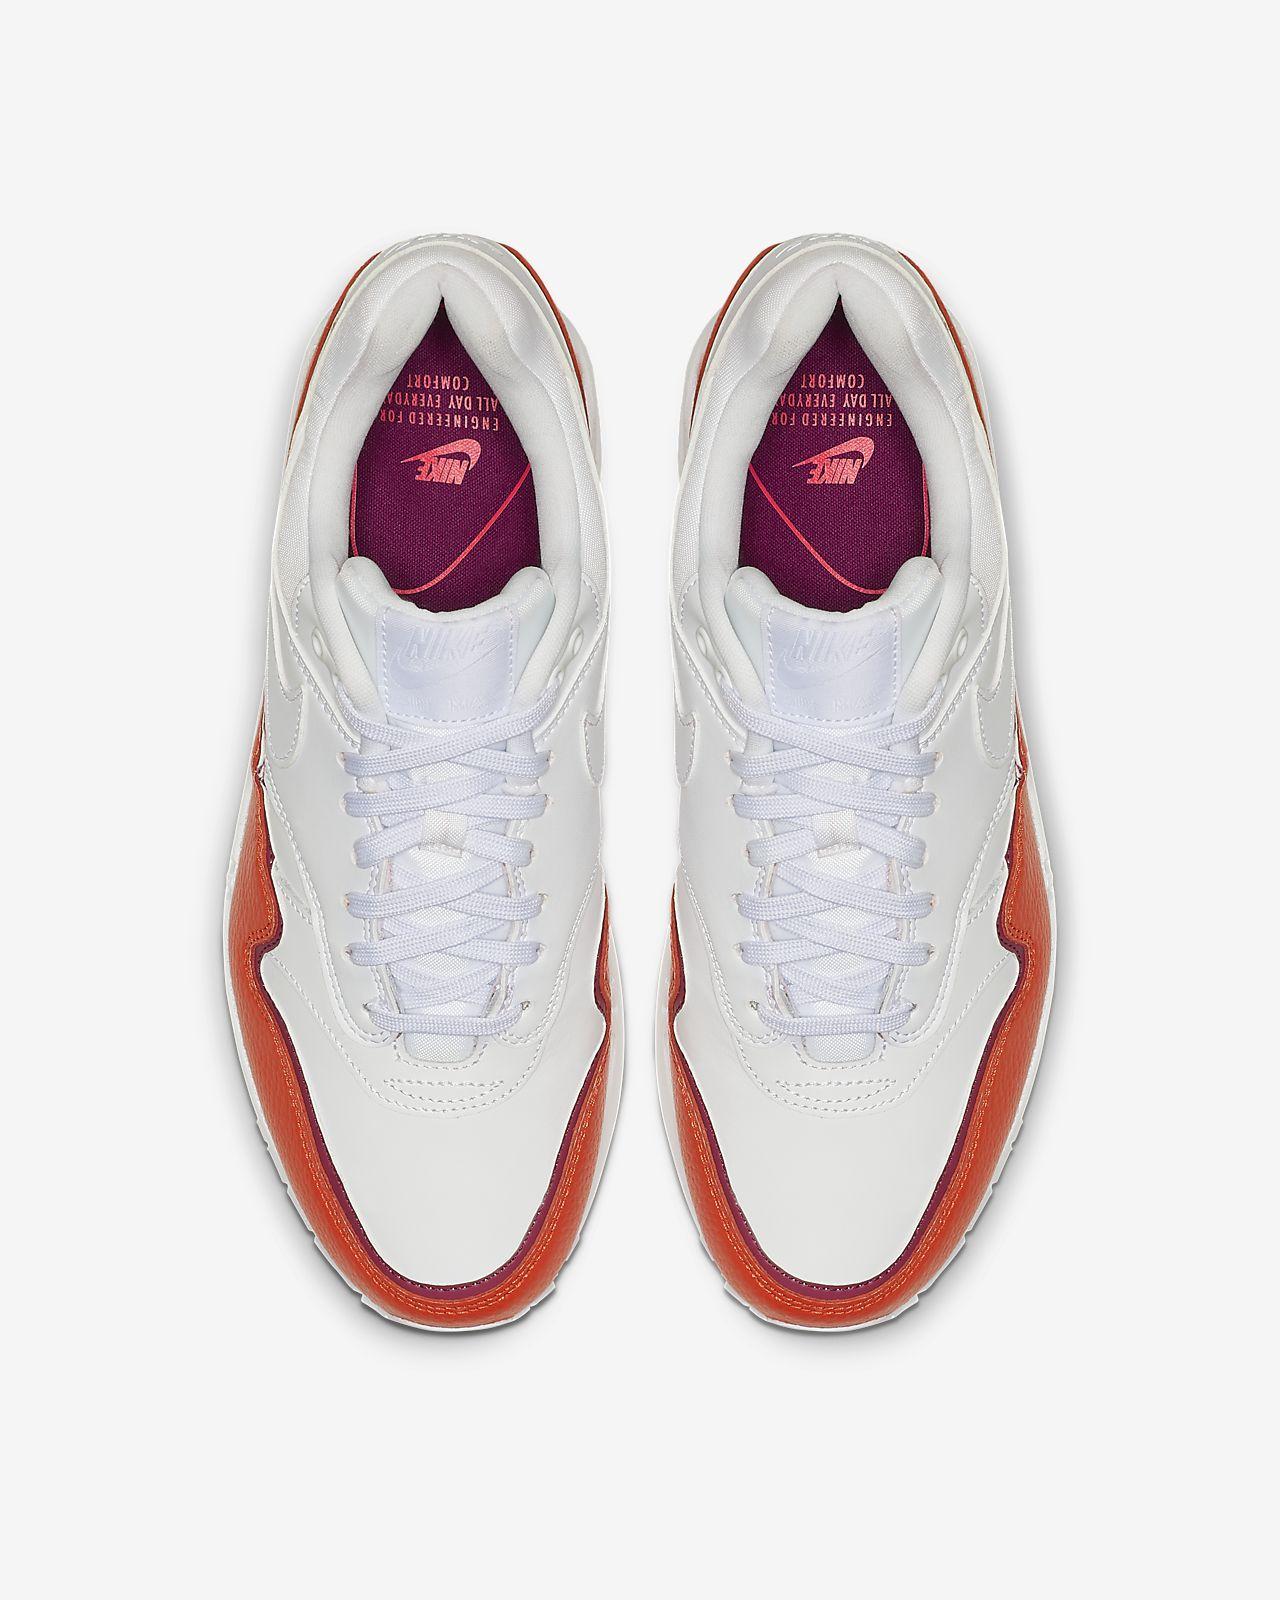 Nike Air Pour FemmeBe 1 Chaussure Max Se jUzMLqSVpG